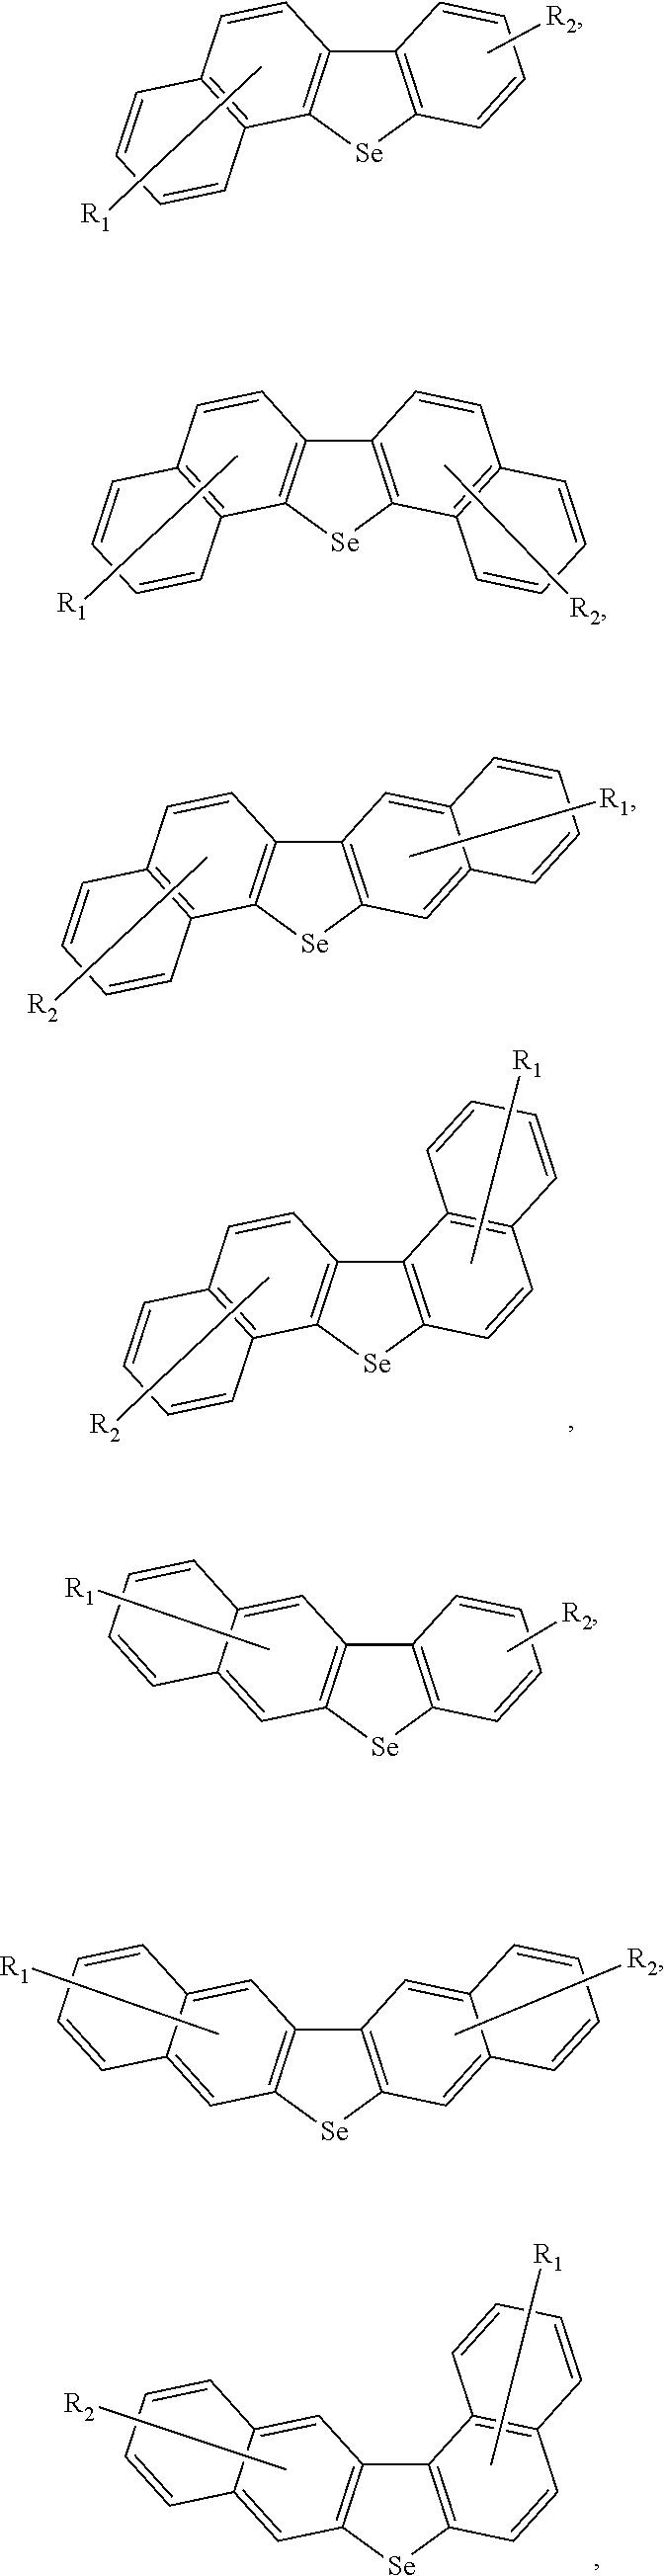 Figure US09455411-20160927-C00212